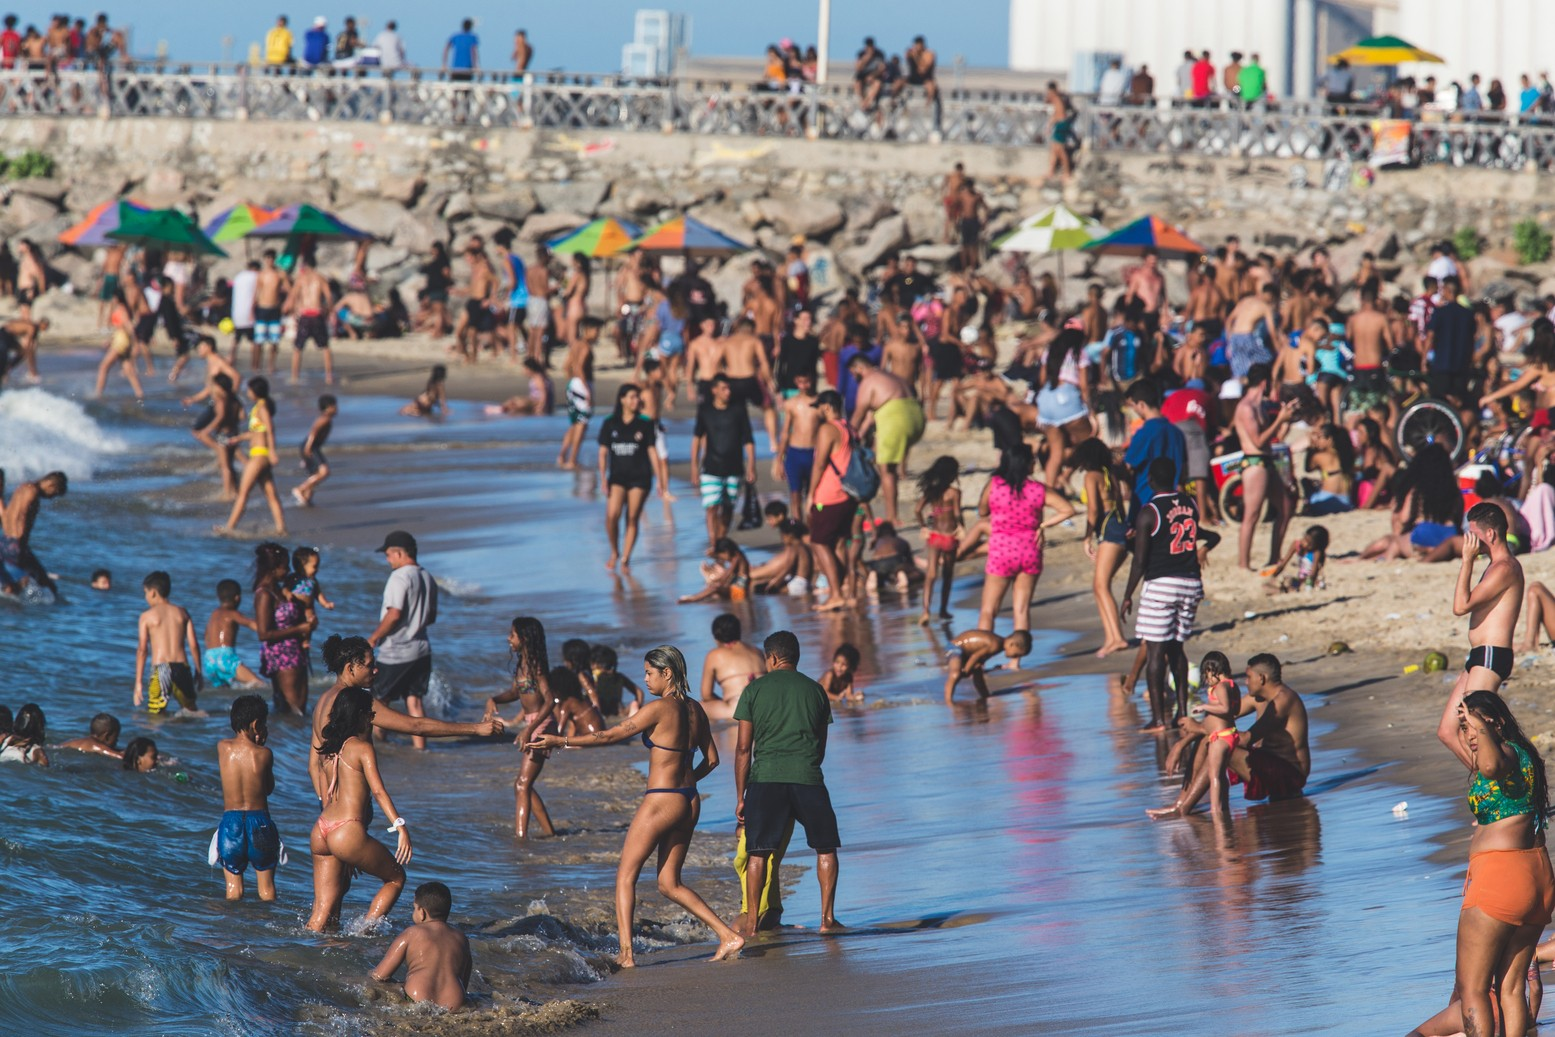 Praias de Fortaleza registram aglomerações e desrespeito ao uso de máscaras neste domingo